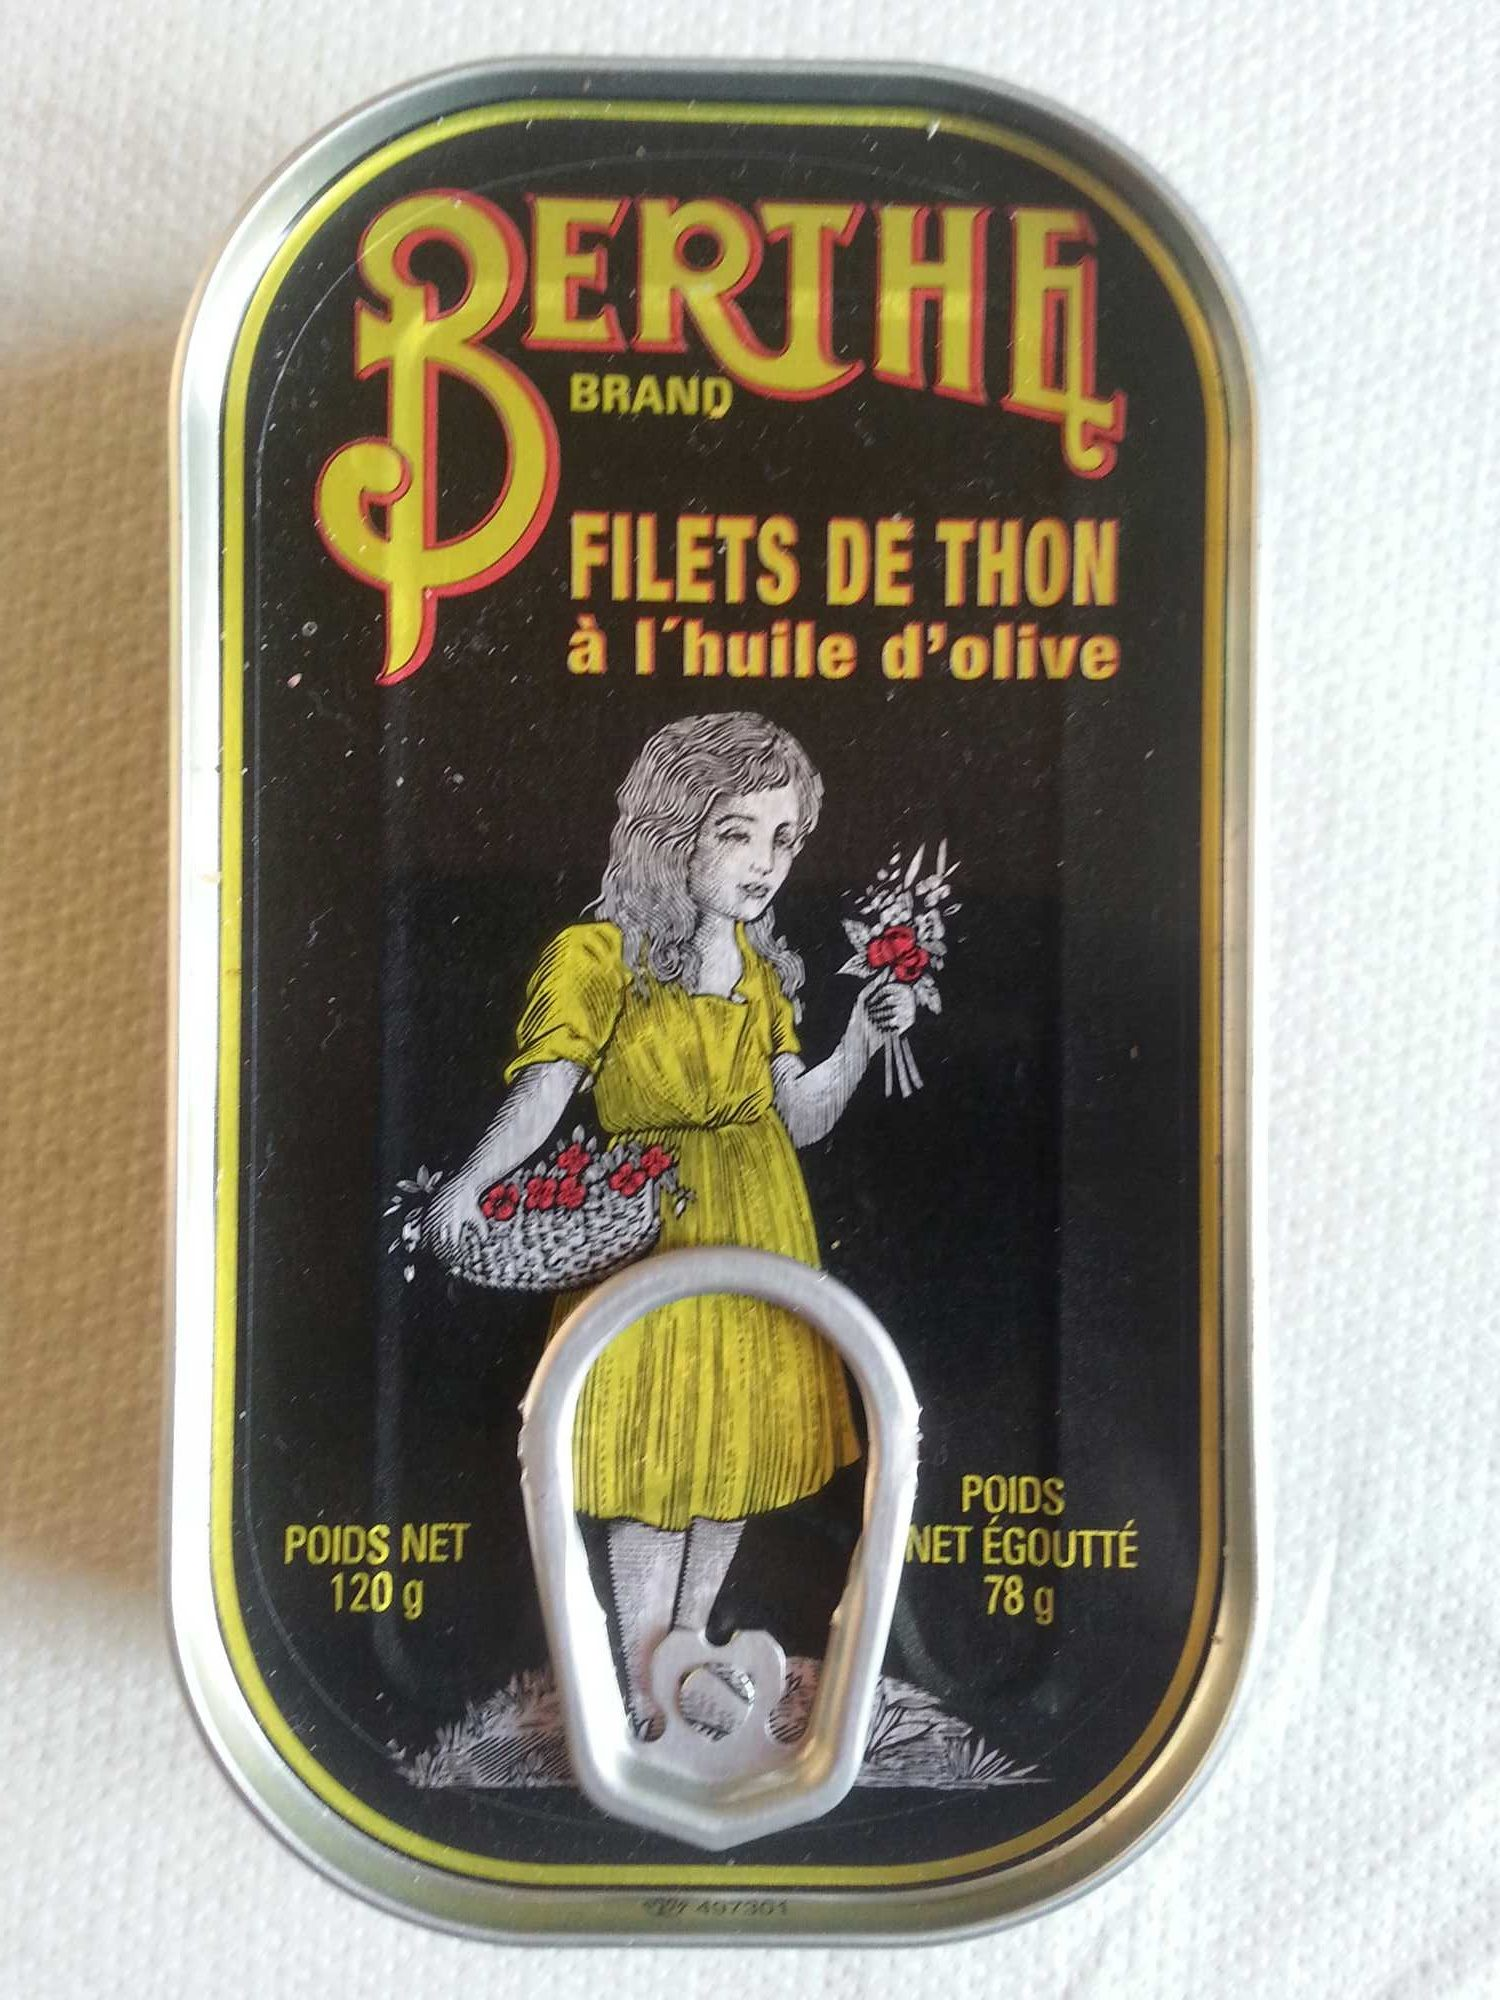 Filets de thon à l'huile d'olive - Produit - fr